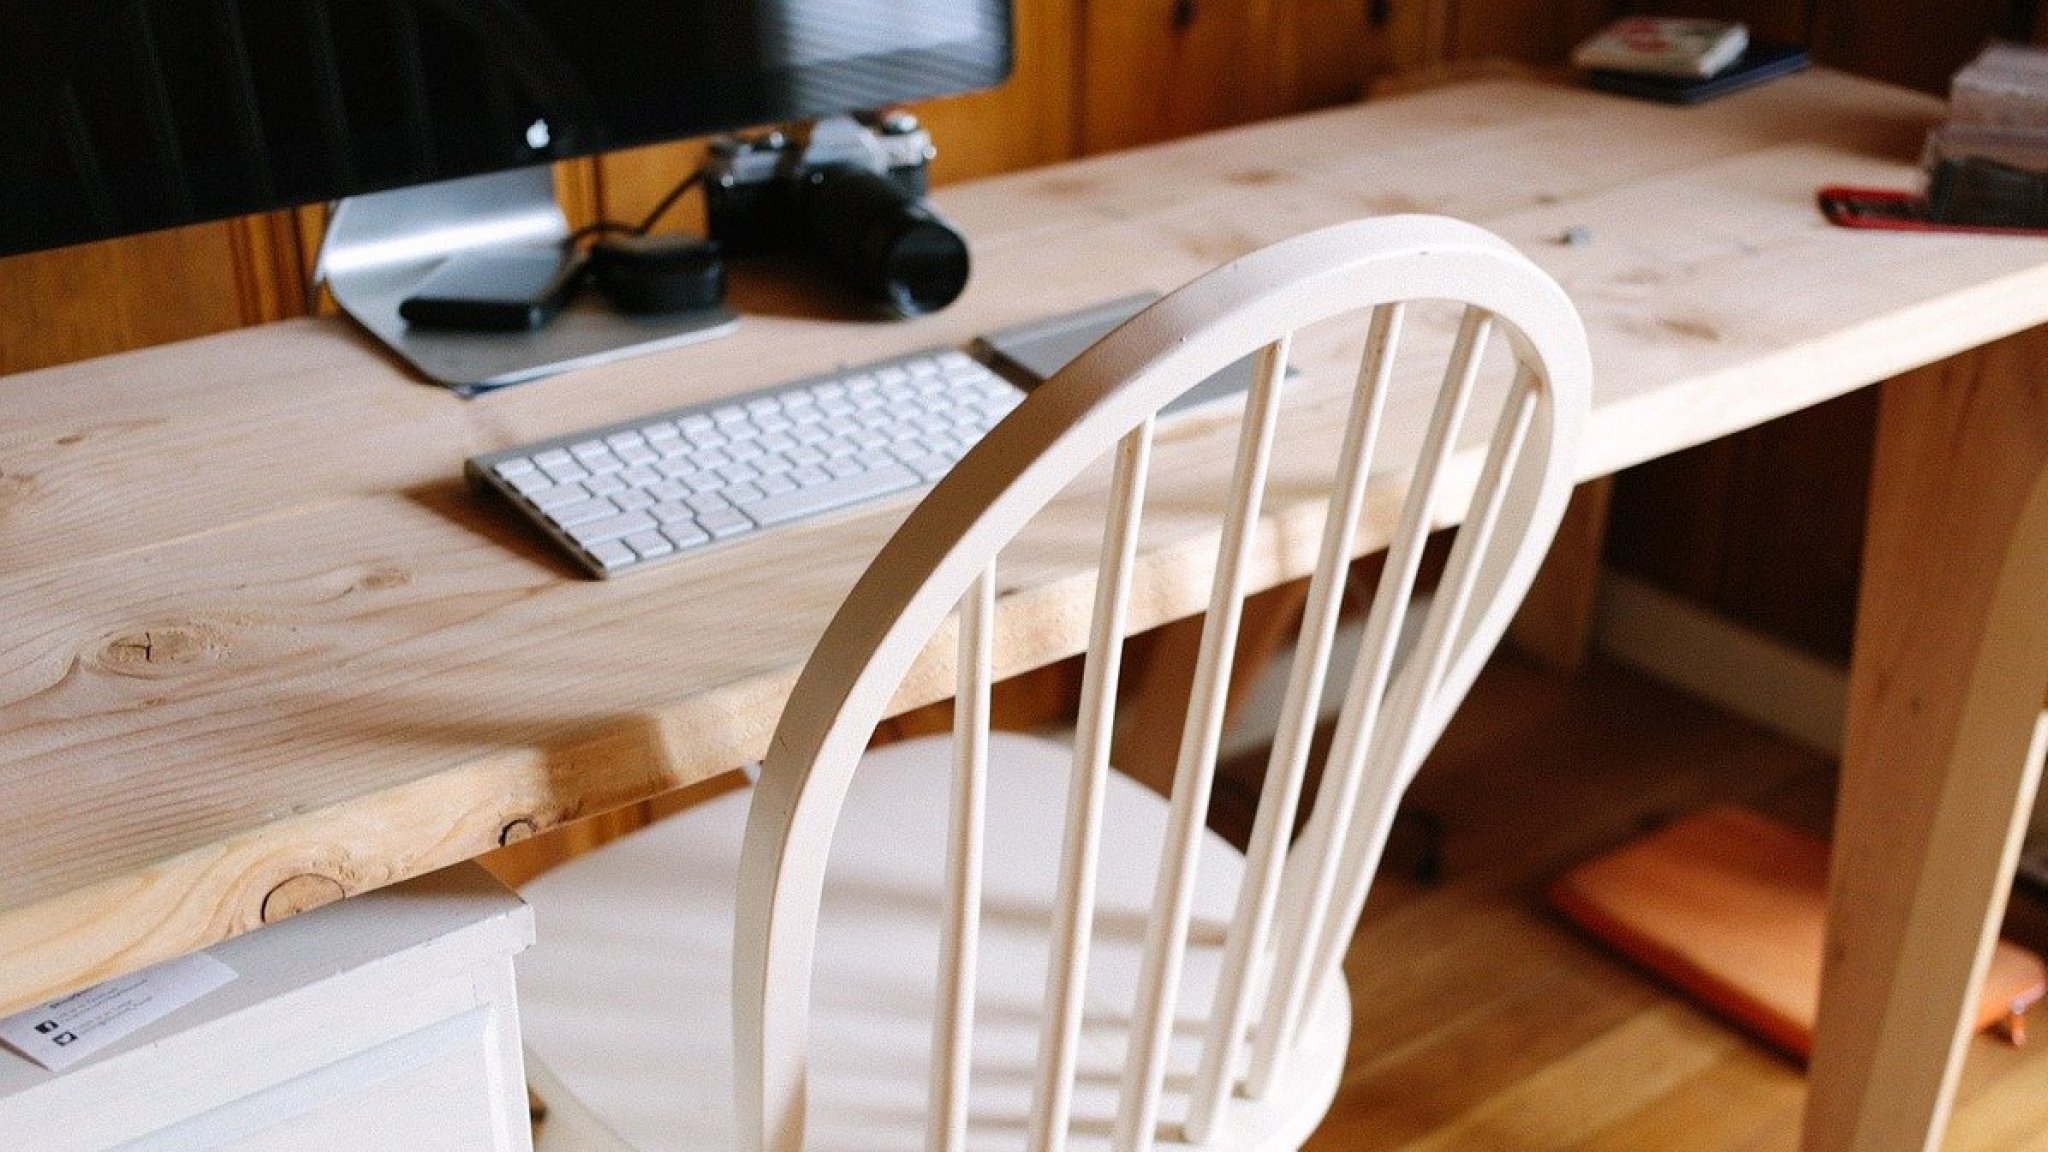 'Bijna helft thuiswerkers kocht iets voor thuiskantoor' - RTL Nieuws